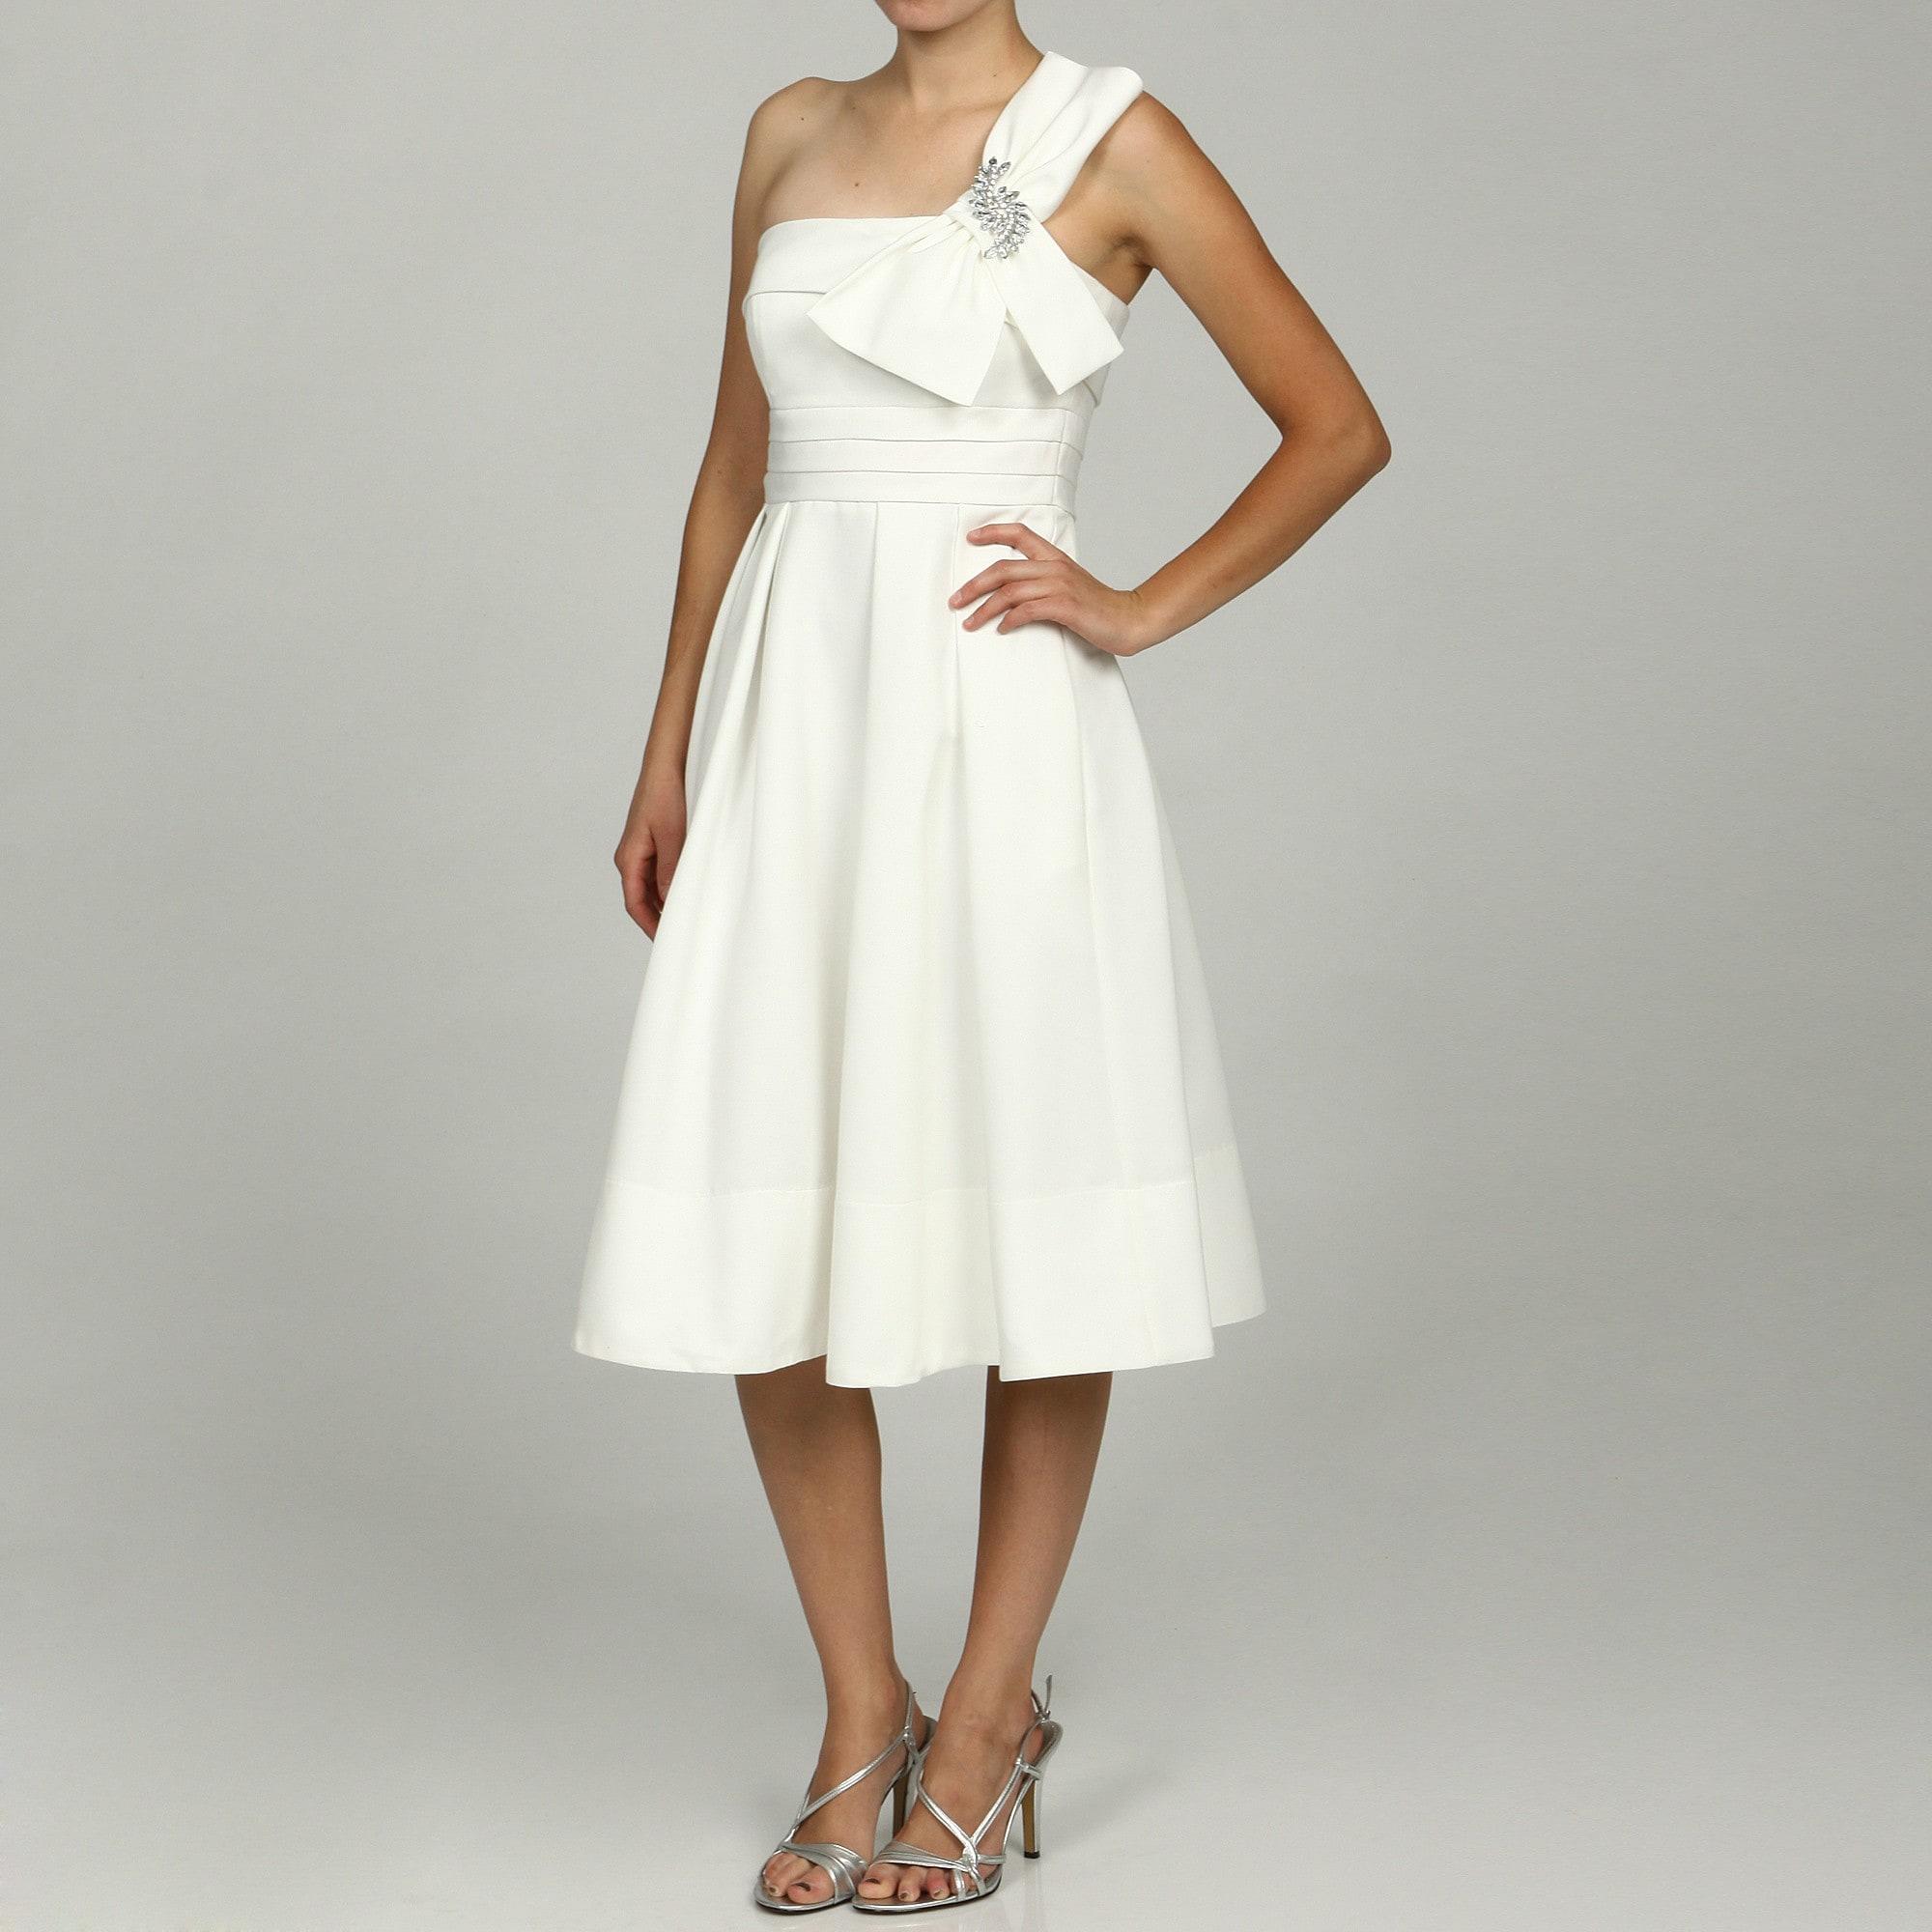 Eliza J Women's Ivory One-shoulder Short Bridal Dress